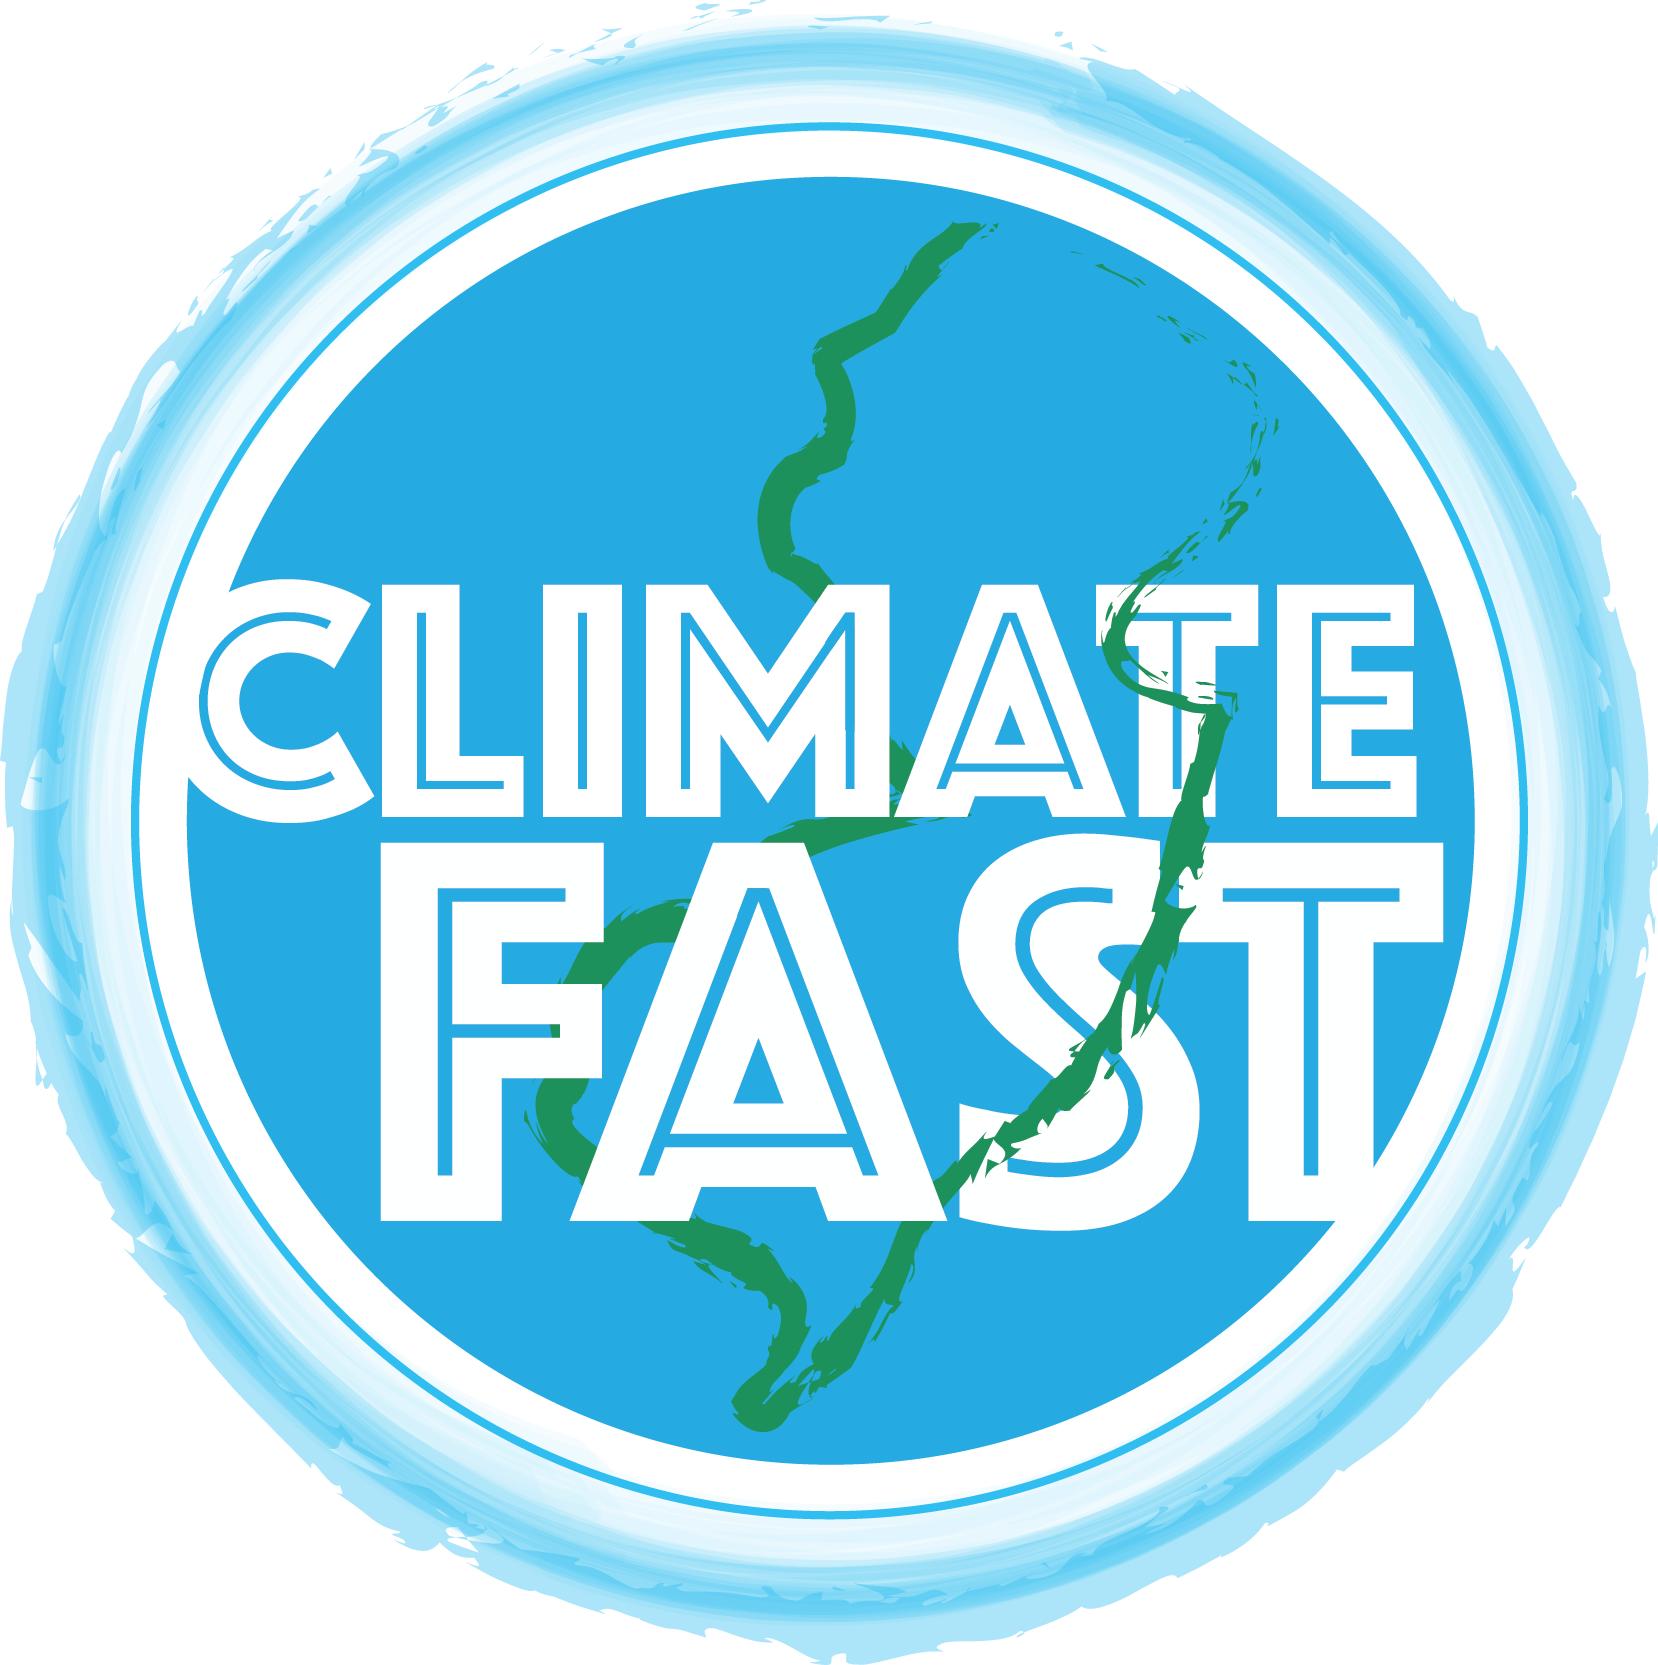 ClimateFast.png